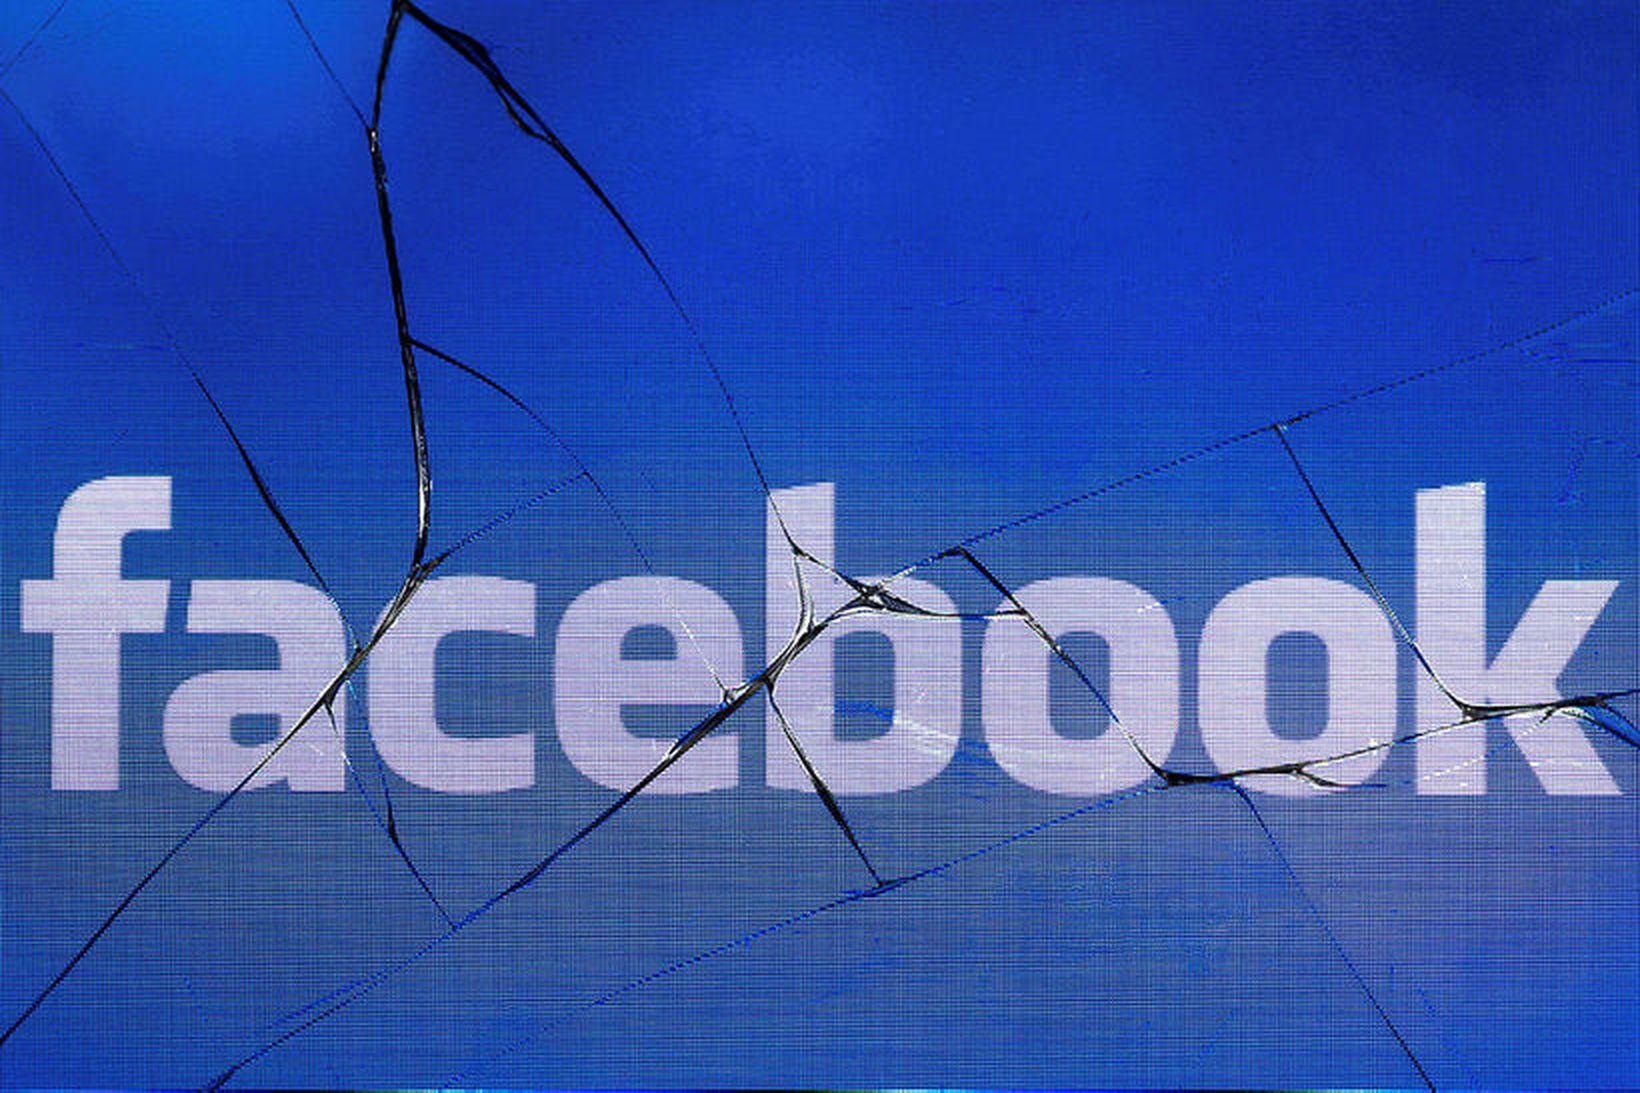 Samkvæmt könnuninni virtist mest vera um falsfréttir á Facebook, en …